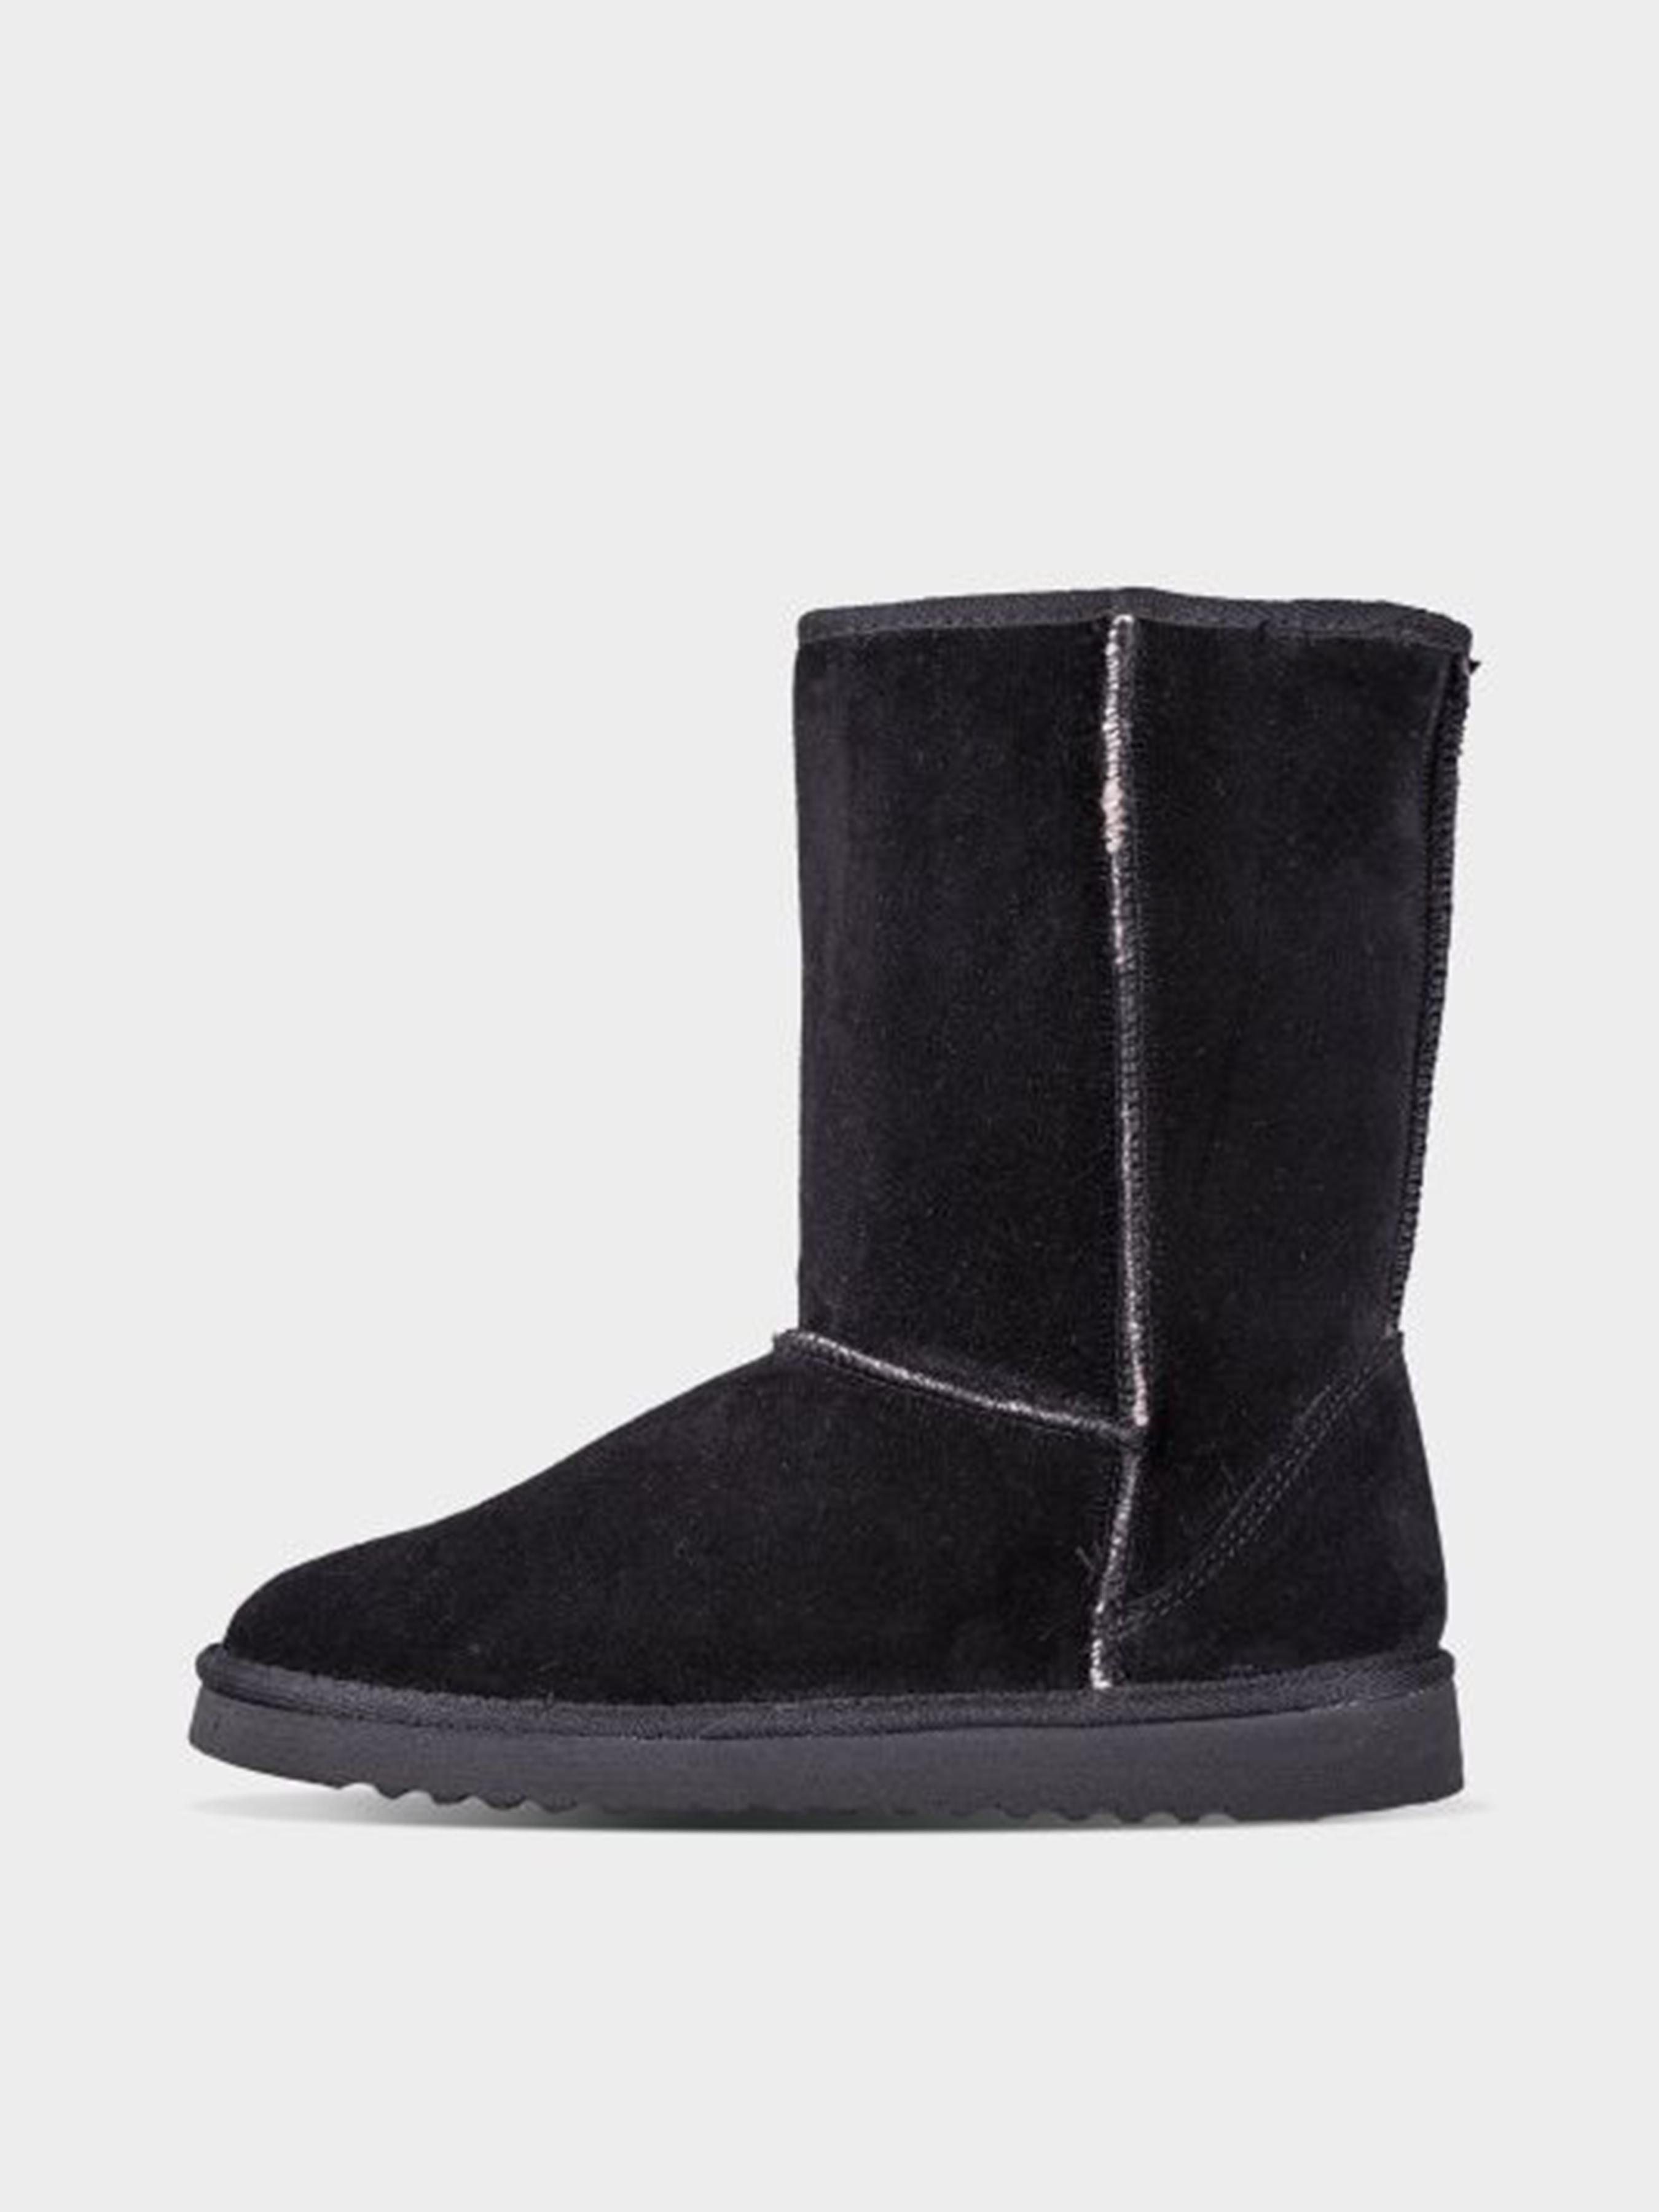 Ботинки для женщин Braska 2S61 цена, 2017